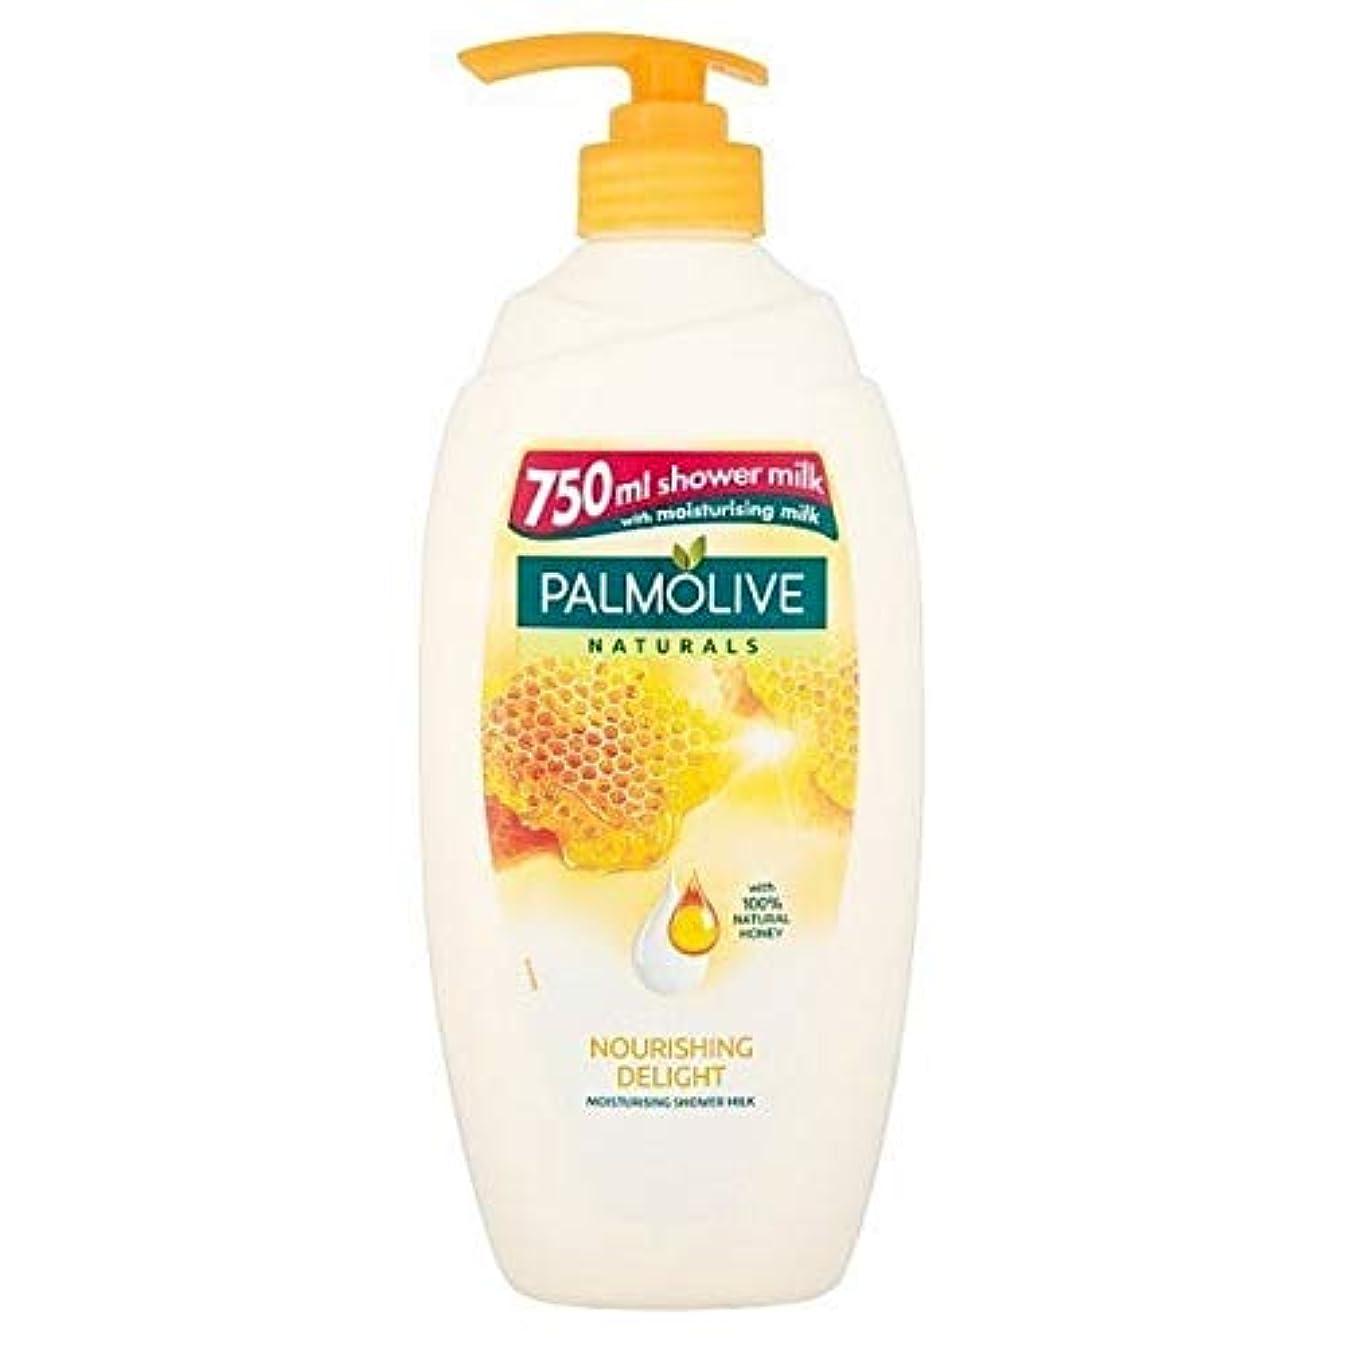 リース地下室学校教育[Palmolive ] パルモライブナチュラルミルク&ハニーシャワージェルクリーム750ミリリットル - Palmolive Naturals Milk & Honey Shower Gel Cream 750ml [...